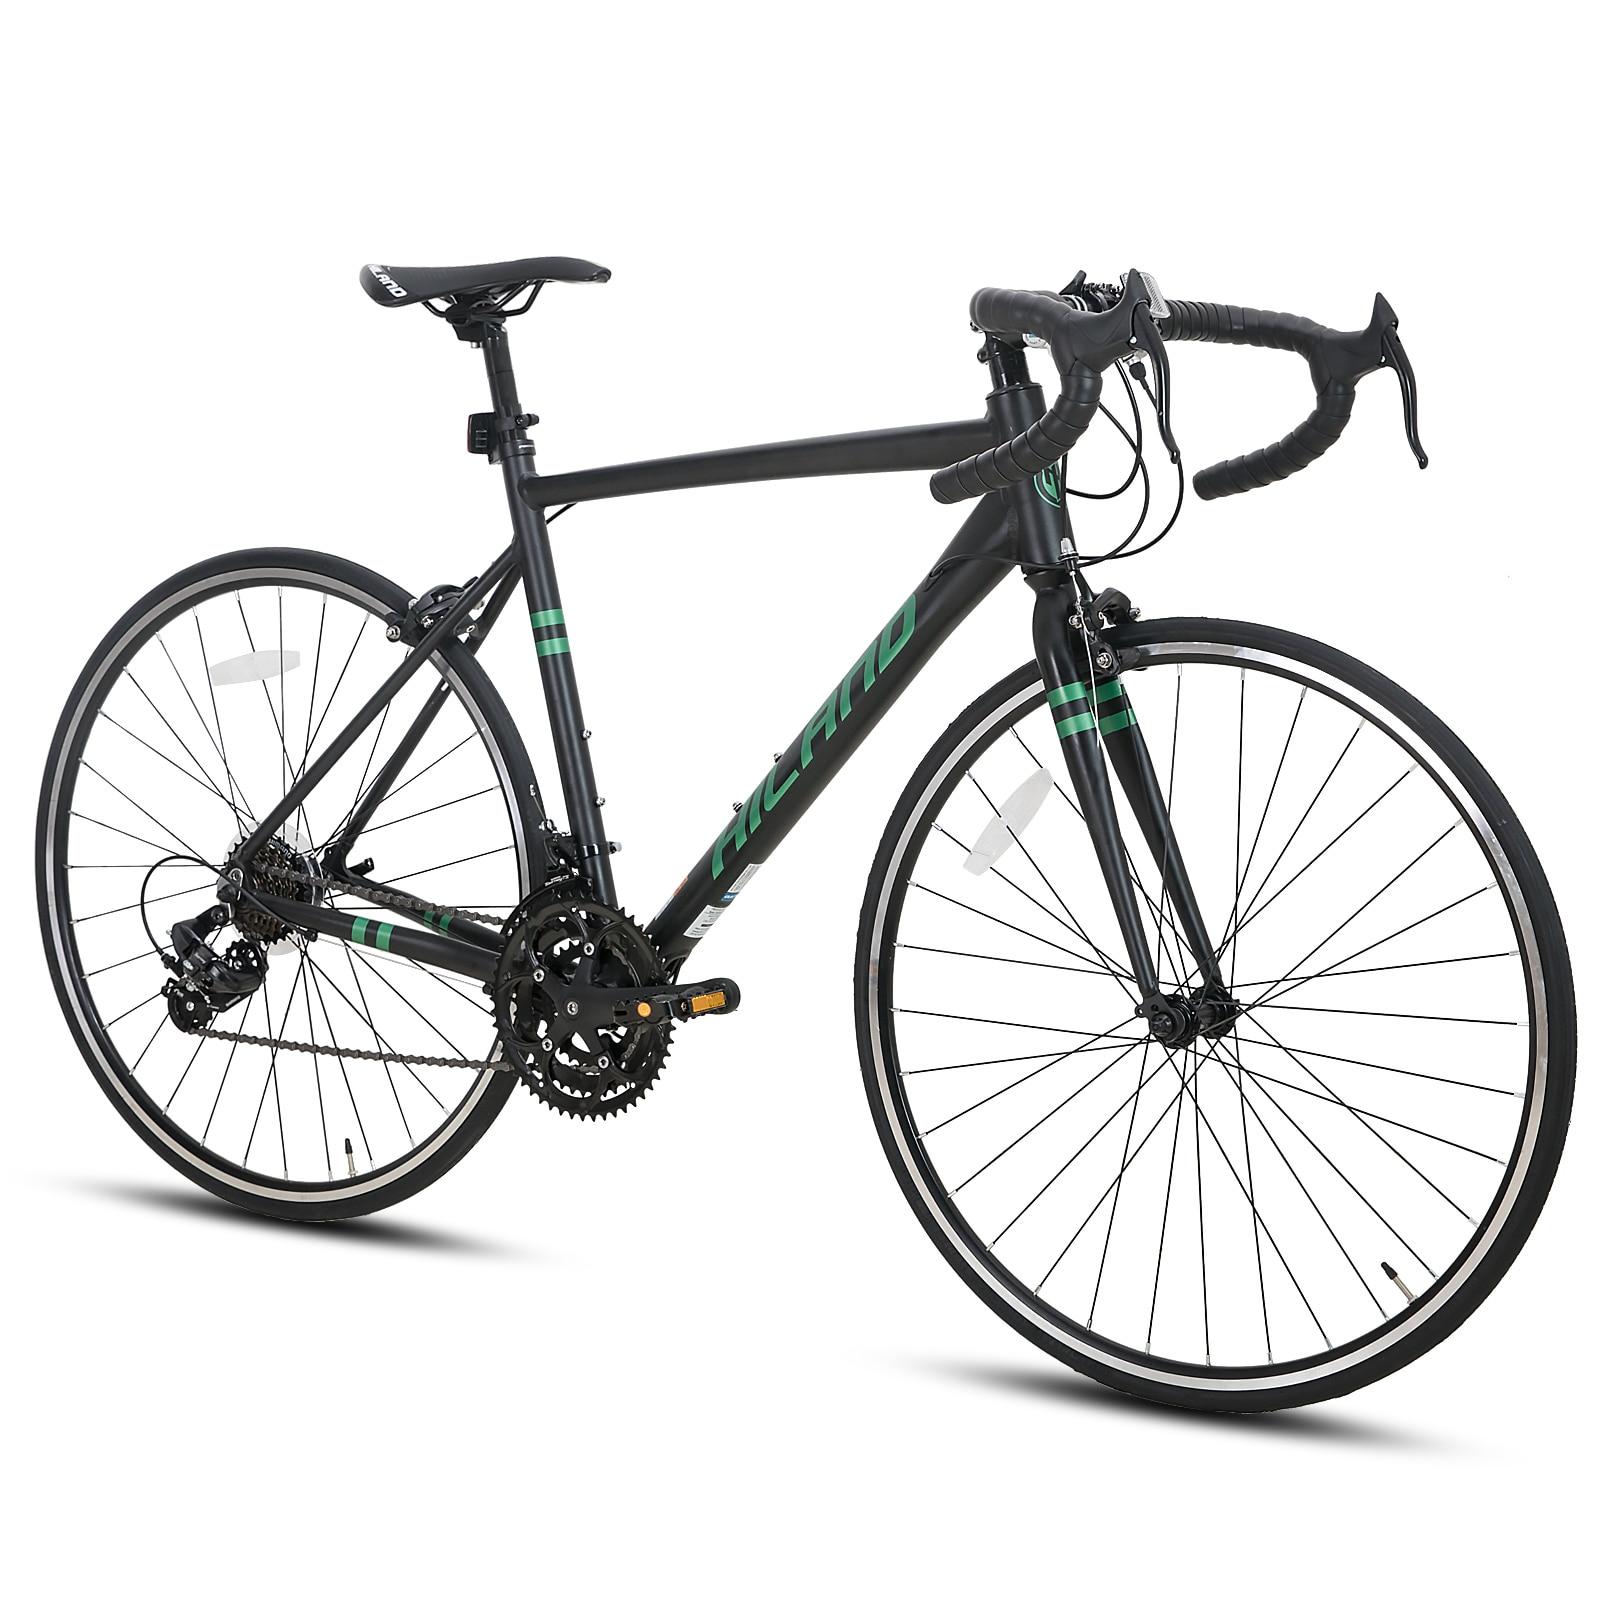 Склад в Нидерландах, бесплатная доставка, алюминиевая рама HILAND 700C для шоссейного велосипеда, запчасти Shimano с двойным дисковым тормозом